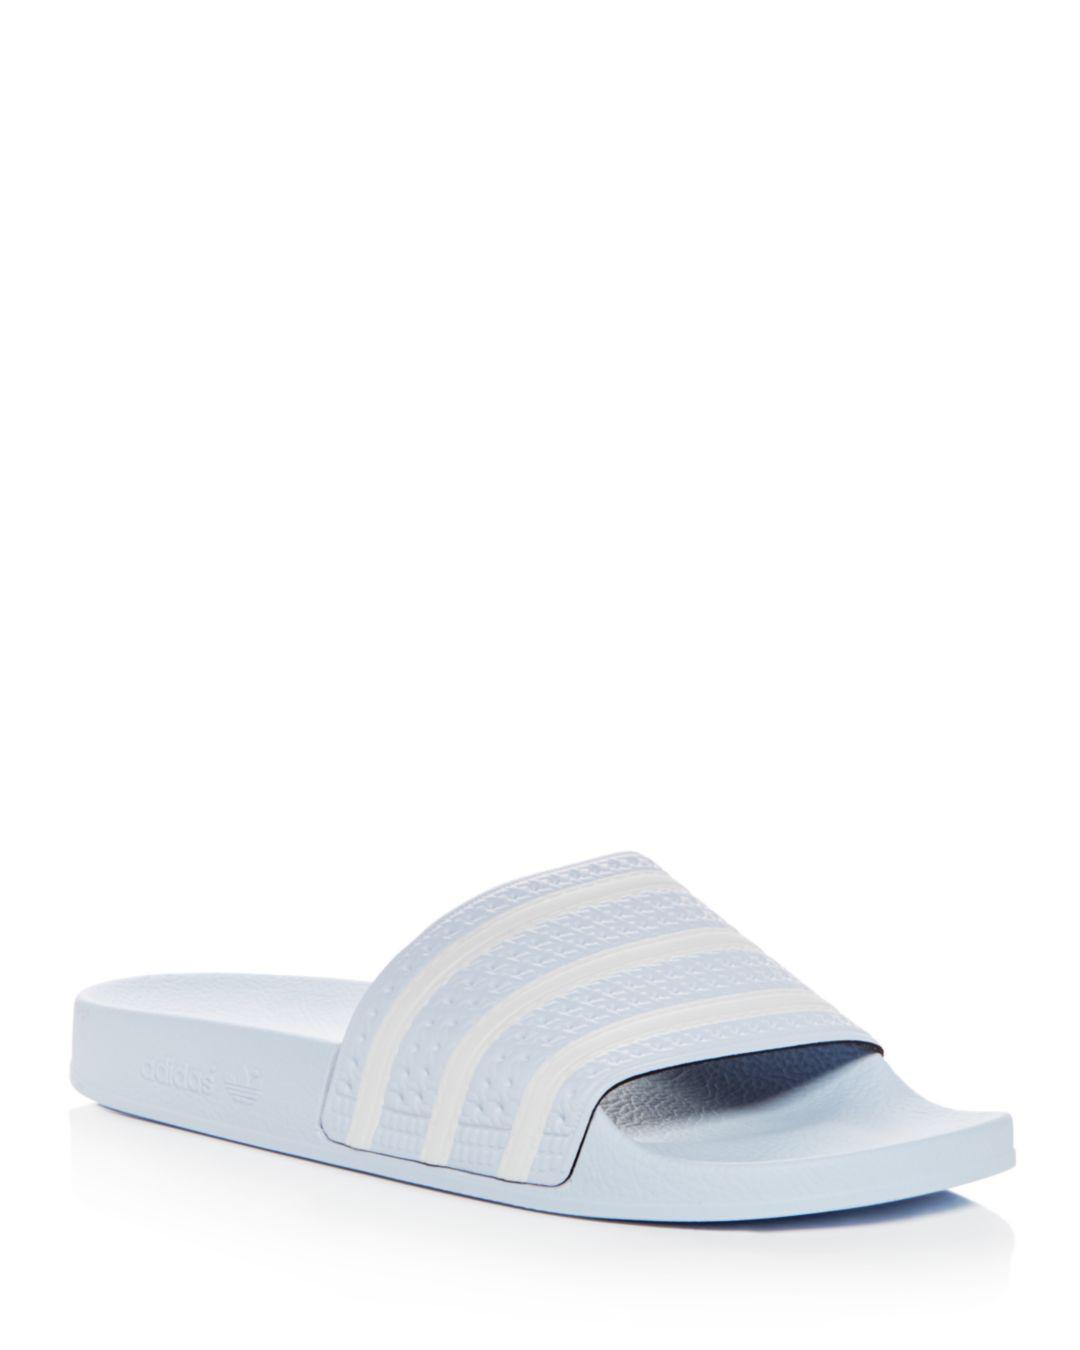 8835bf5dd40328 Adidas - Multicolor Men s Adilette Slide Sandals for Men - Lyst. View  fullscreen